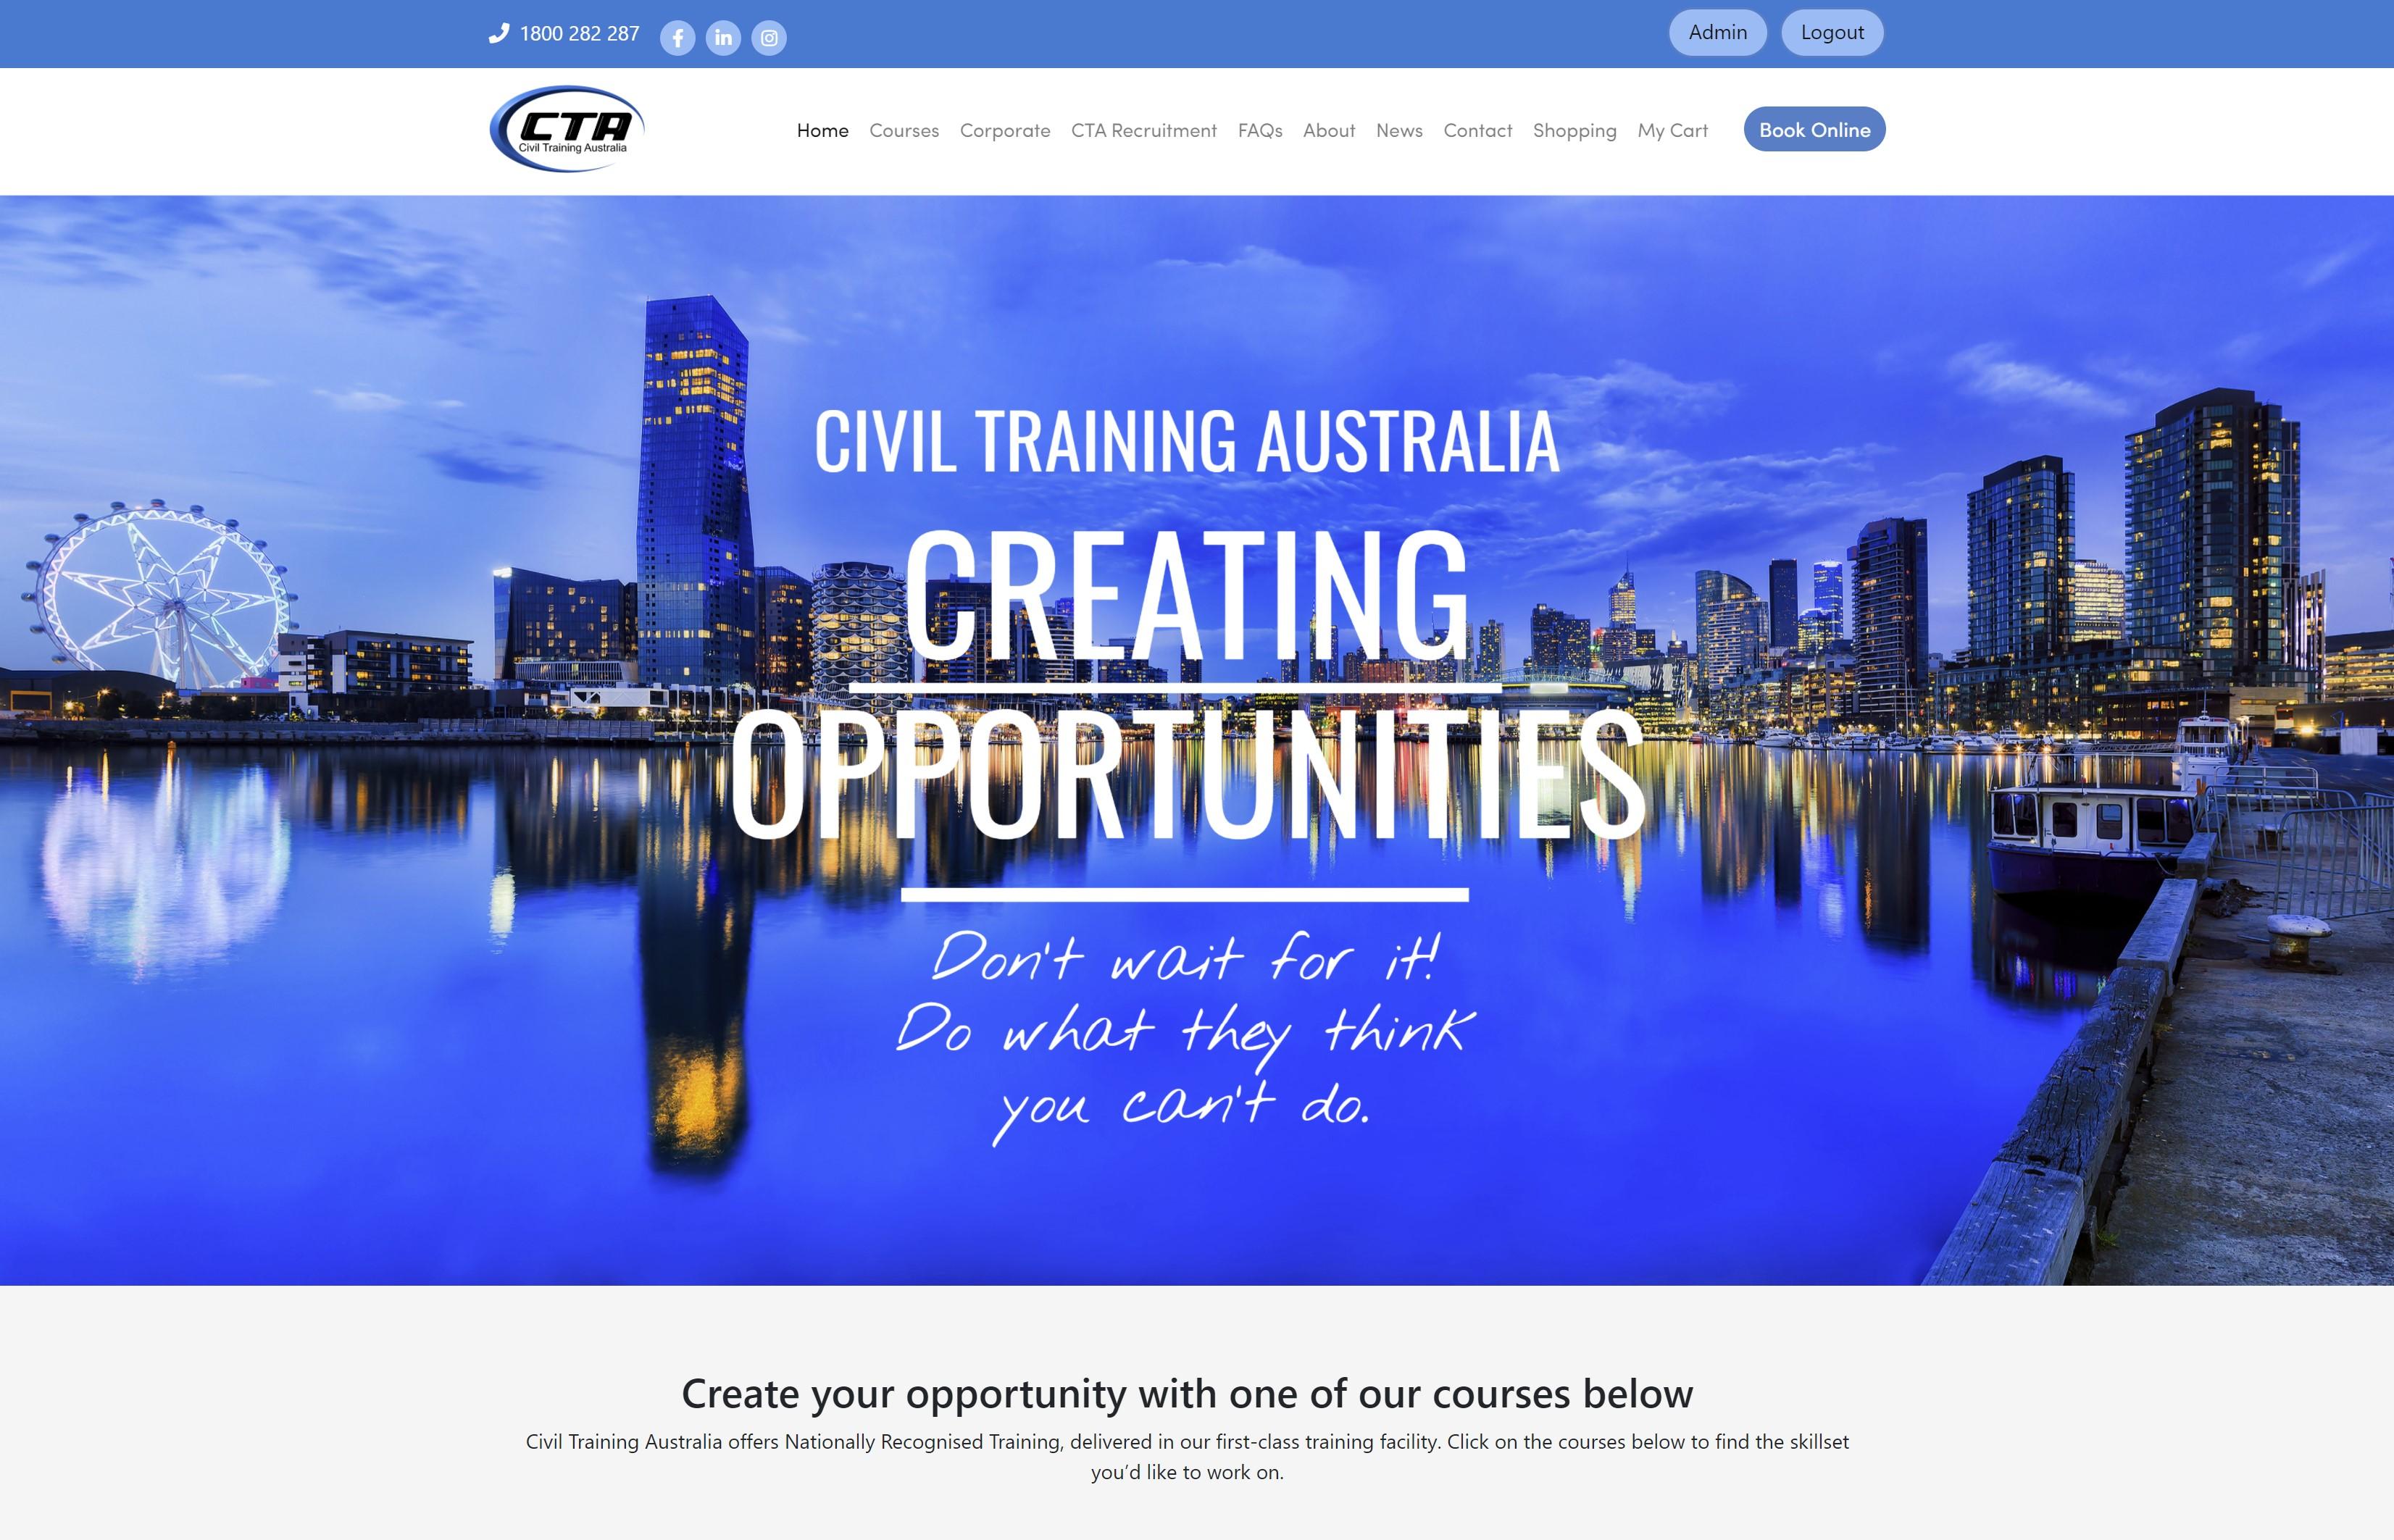 Civil Training Australia